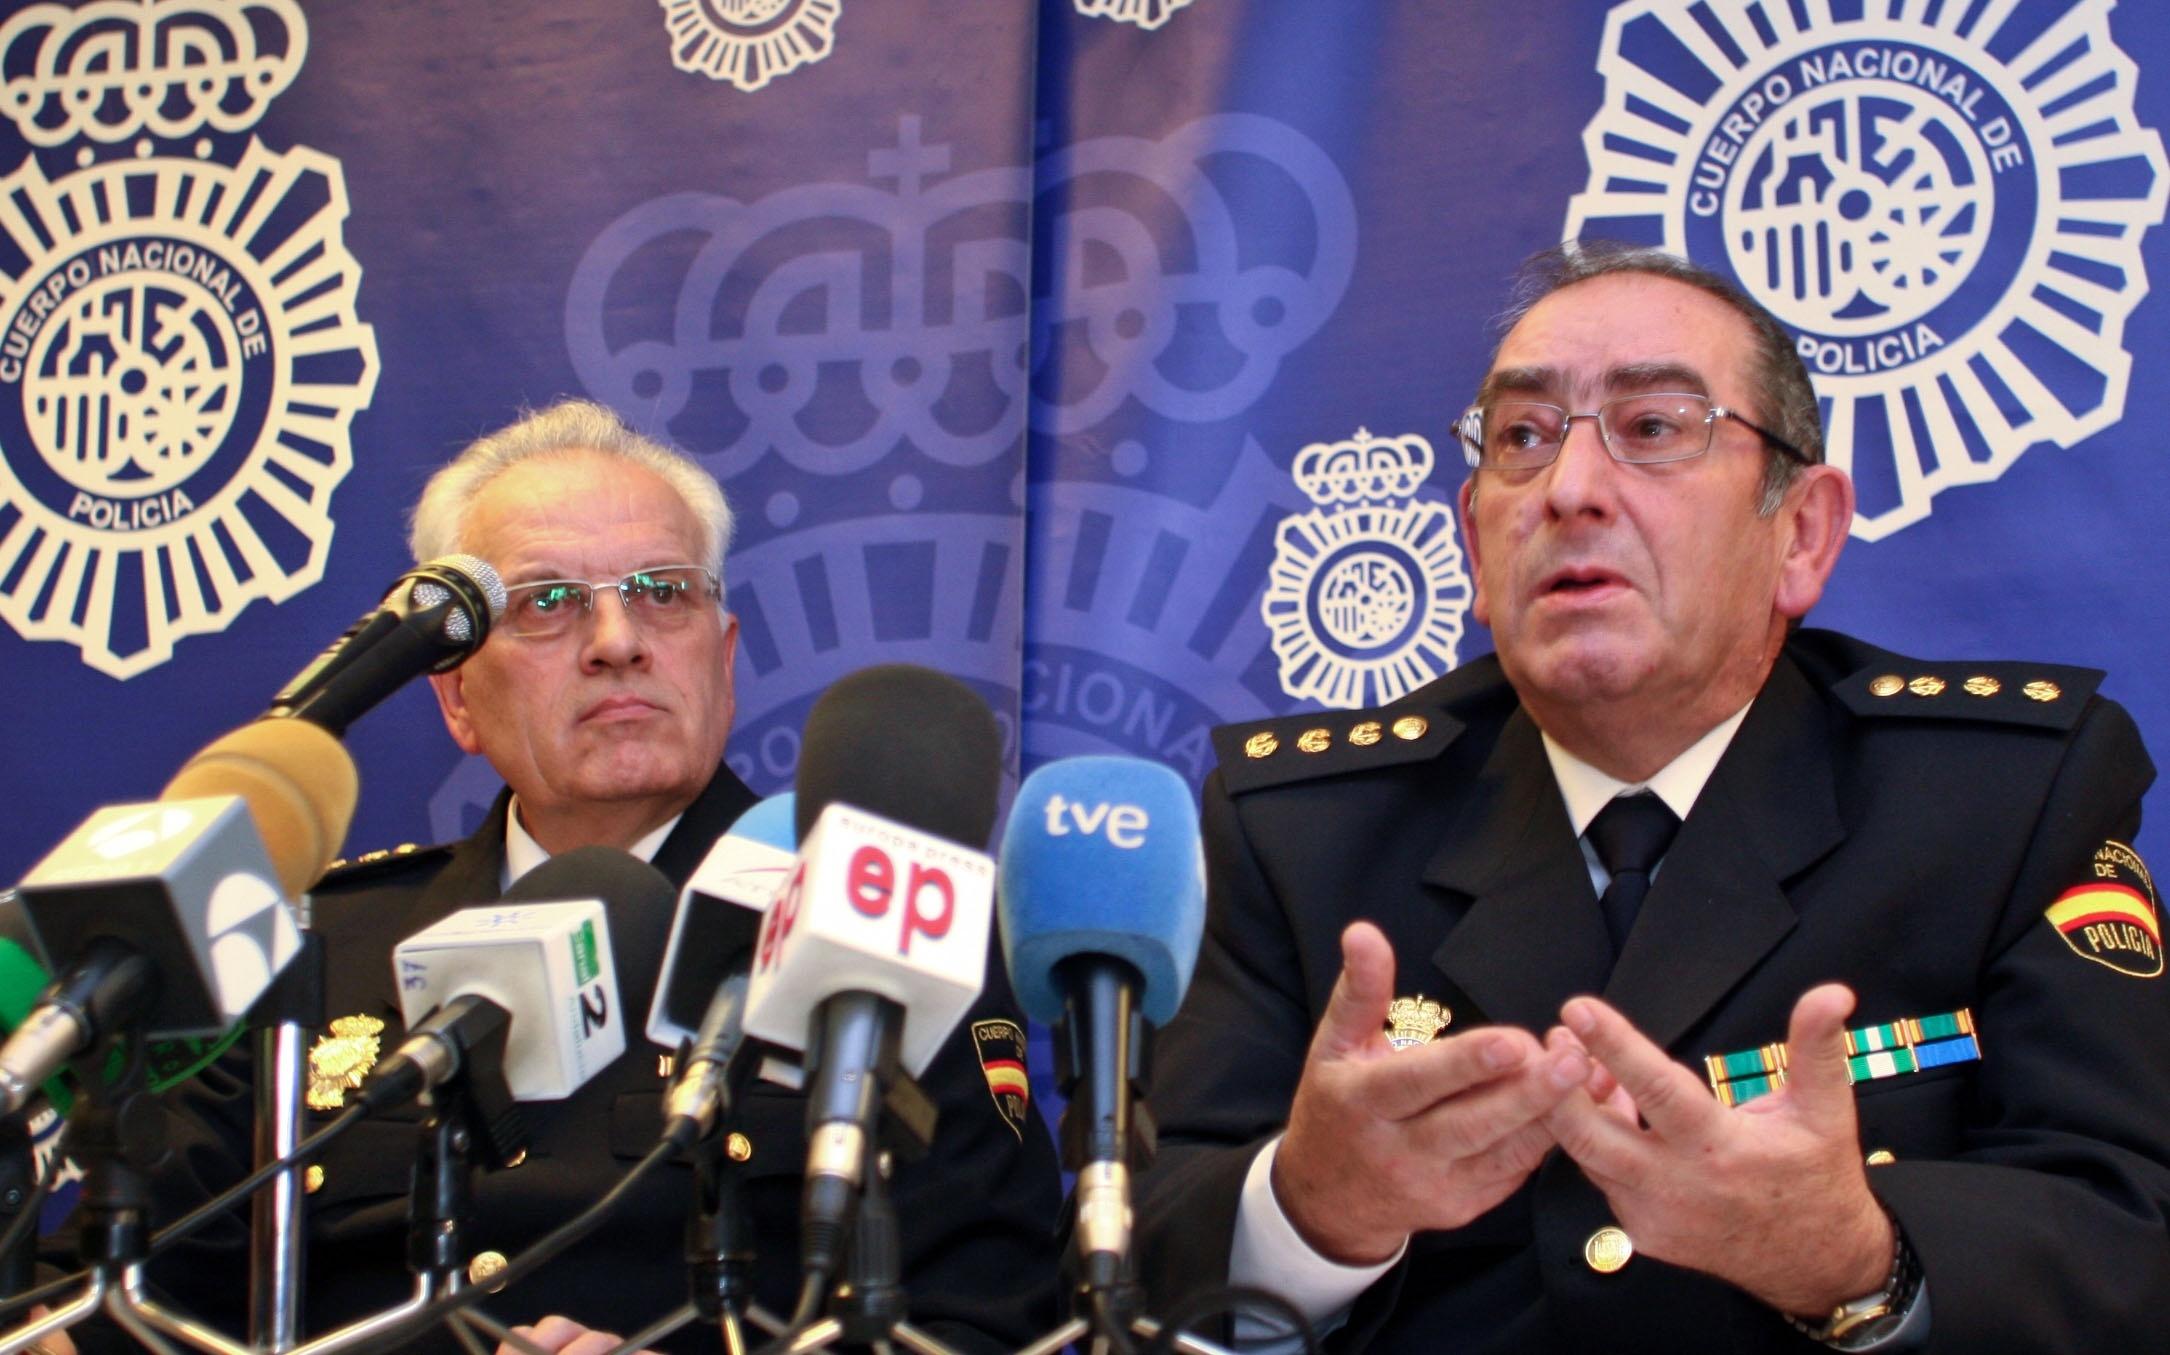 El SUP defiende al comisario Manuel Piedrabuena y pide a Del Castillo que no ataque su «fama y buen nombre»